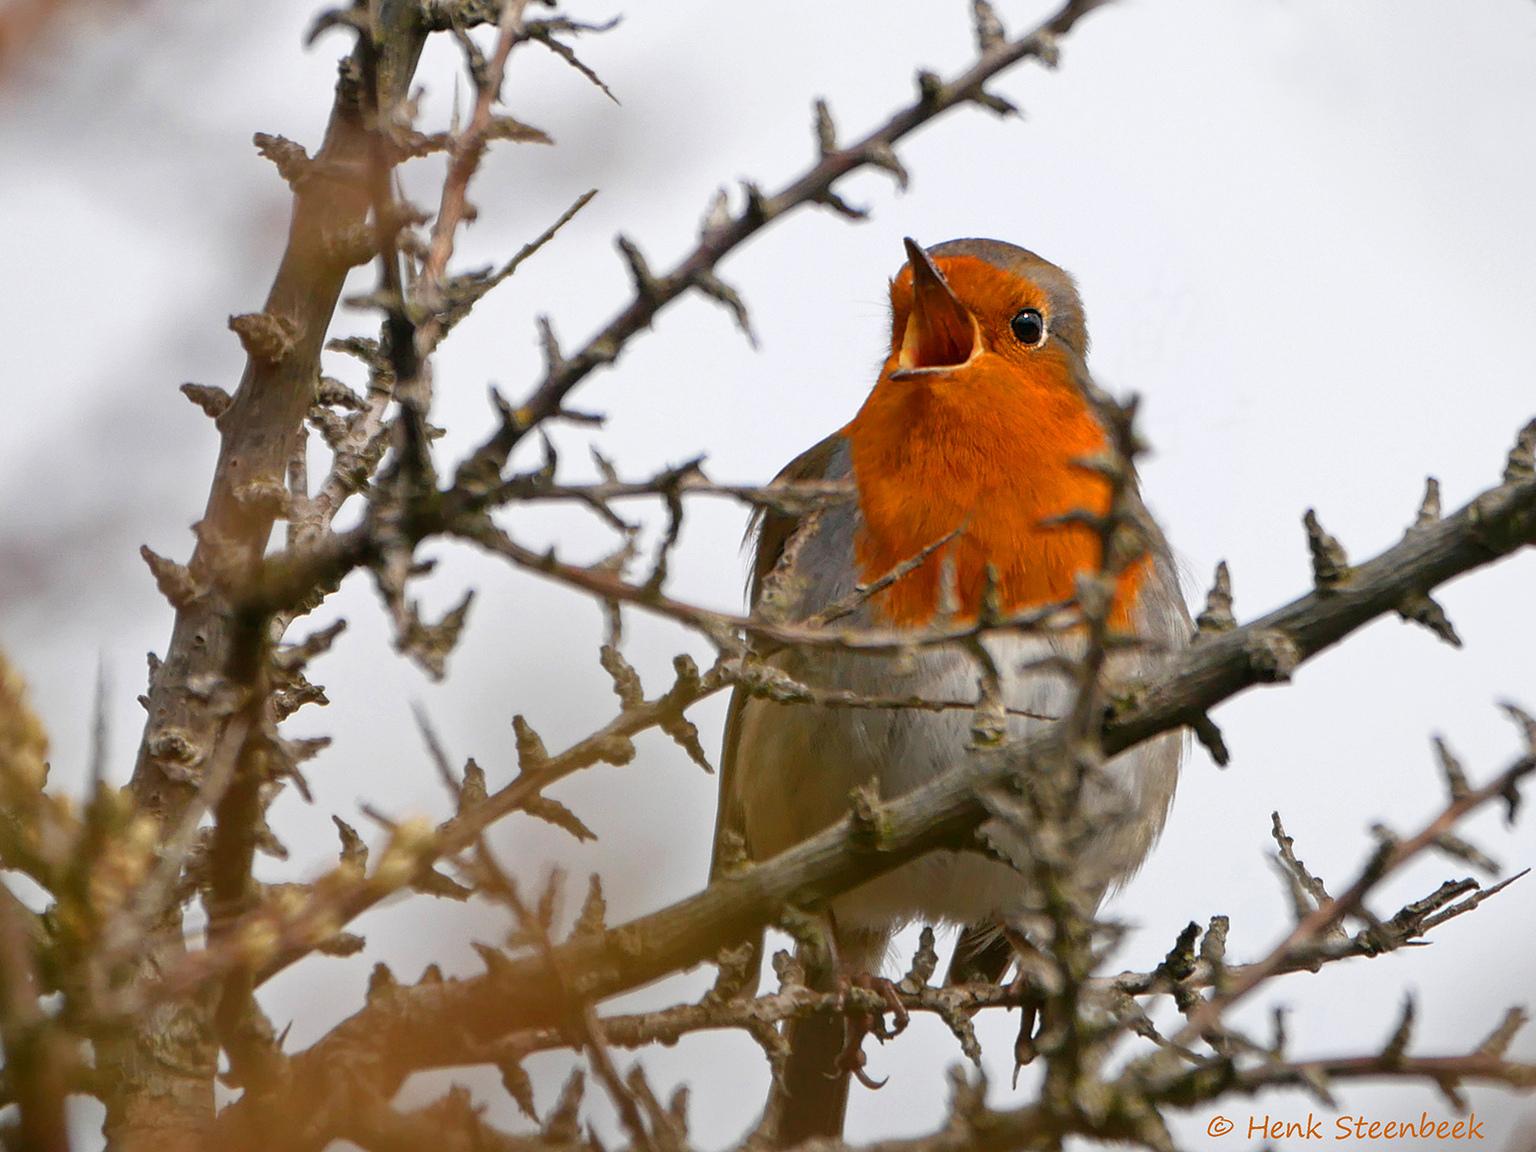 Roodborstje zingt uit volle borst - Dit roodborstje in de nog kale struik in de duinen was niet te missen, het zong uit volle borst. Nog een hele kunst om een doorkijkje in de takken te - foto door HenkSt op 04-05-2021 - locatie: Texel, Nederland - deze foto bevat: roodborstje, zangvogel, duinen, voorjaar, texel, vogel, vogel, natuur, takje, bek, lucht, zangvogel, hout, europees roodborstje, veer, neerstekende vogel